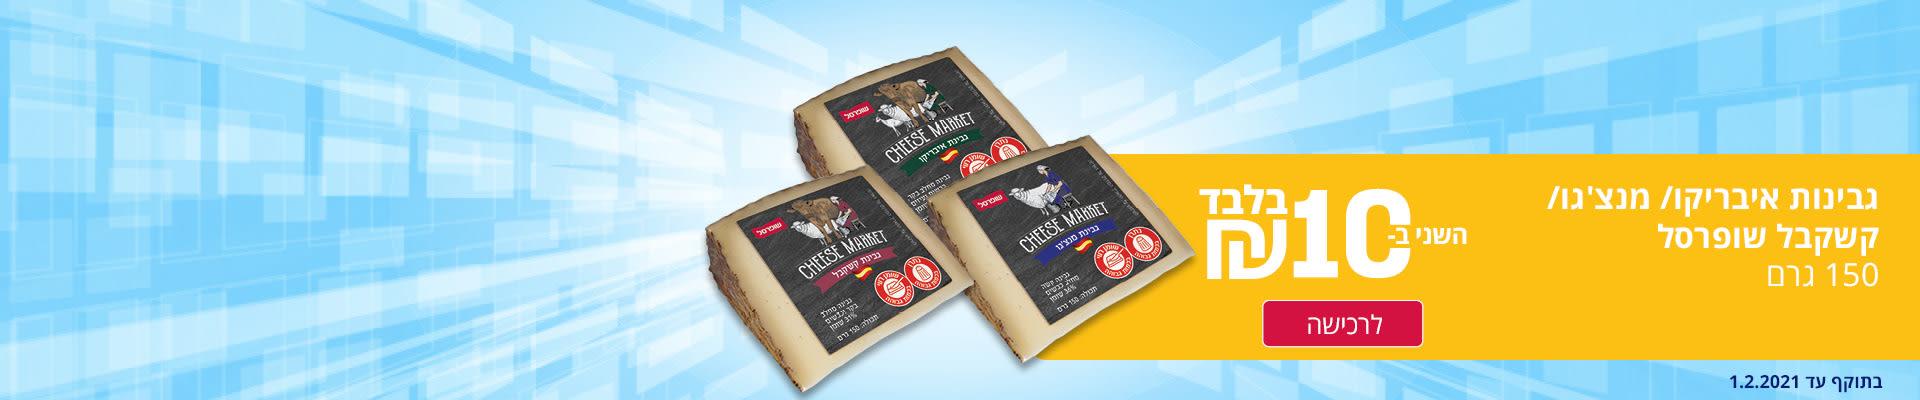 גבינות איבריקו/מנג'גו/קשקבל שופרסל 150 גרם השני ב- 10 ₪ בלבד לרכישה בתוקף עד 1.2.2021